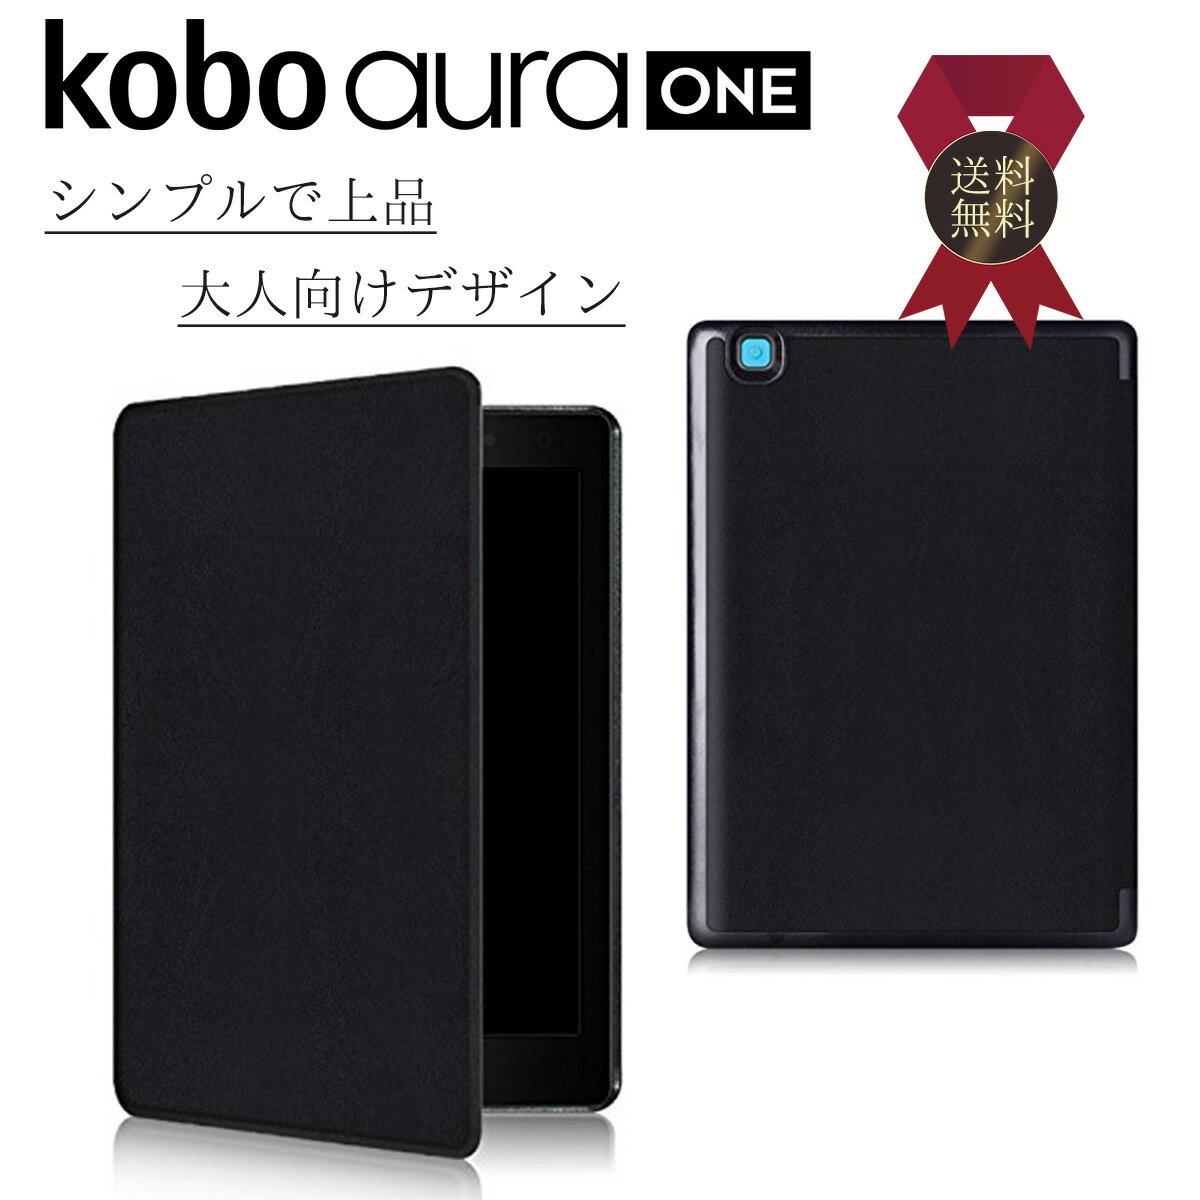 電子書籍リーダーアクセサリー, その他 kobo Aura ONE 7.8 inch PU PC